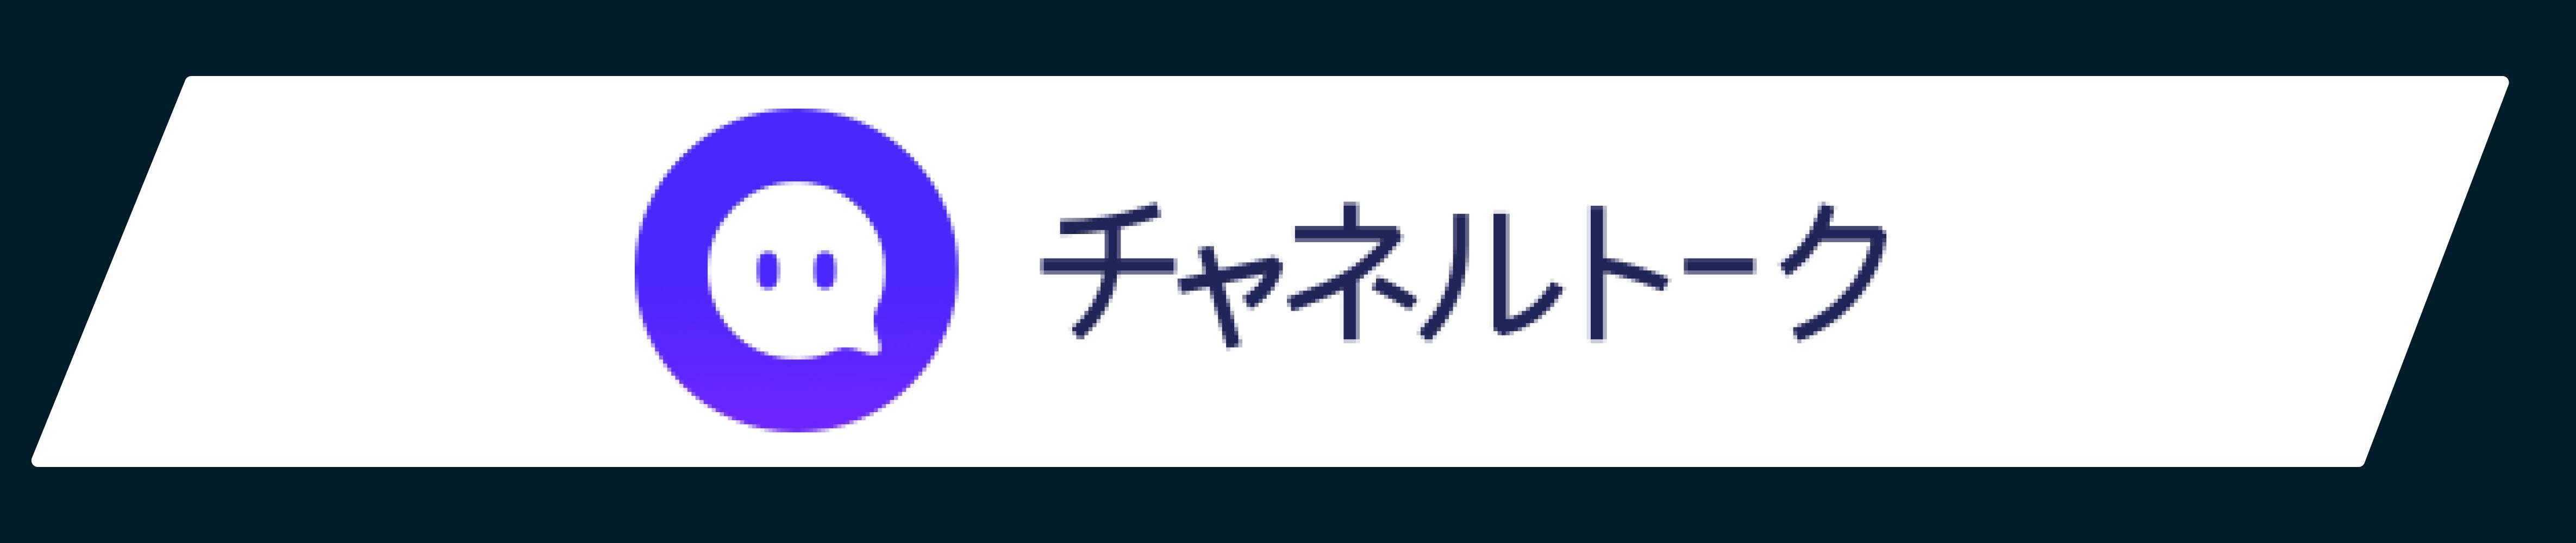 株式会社 Channel Corporation Japan